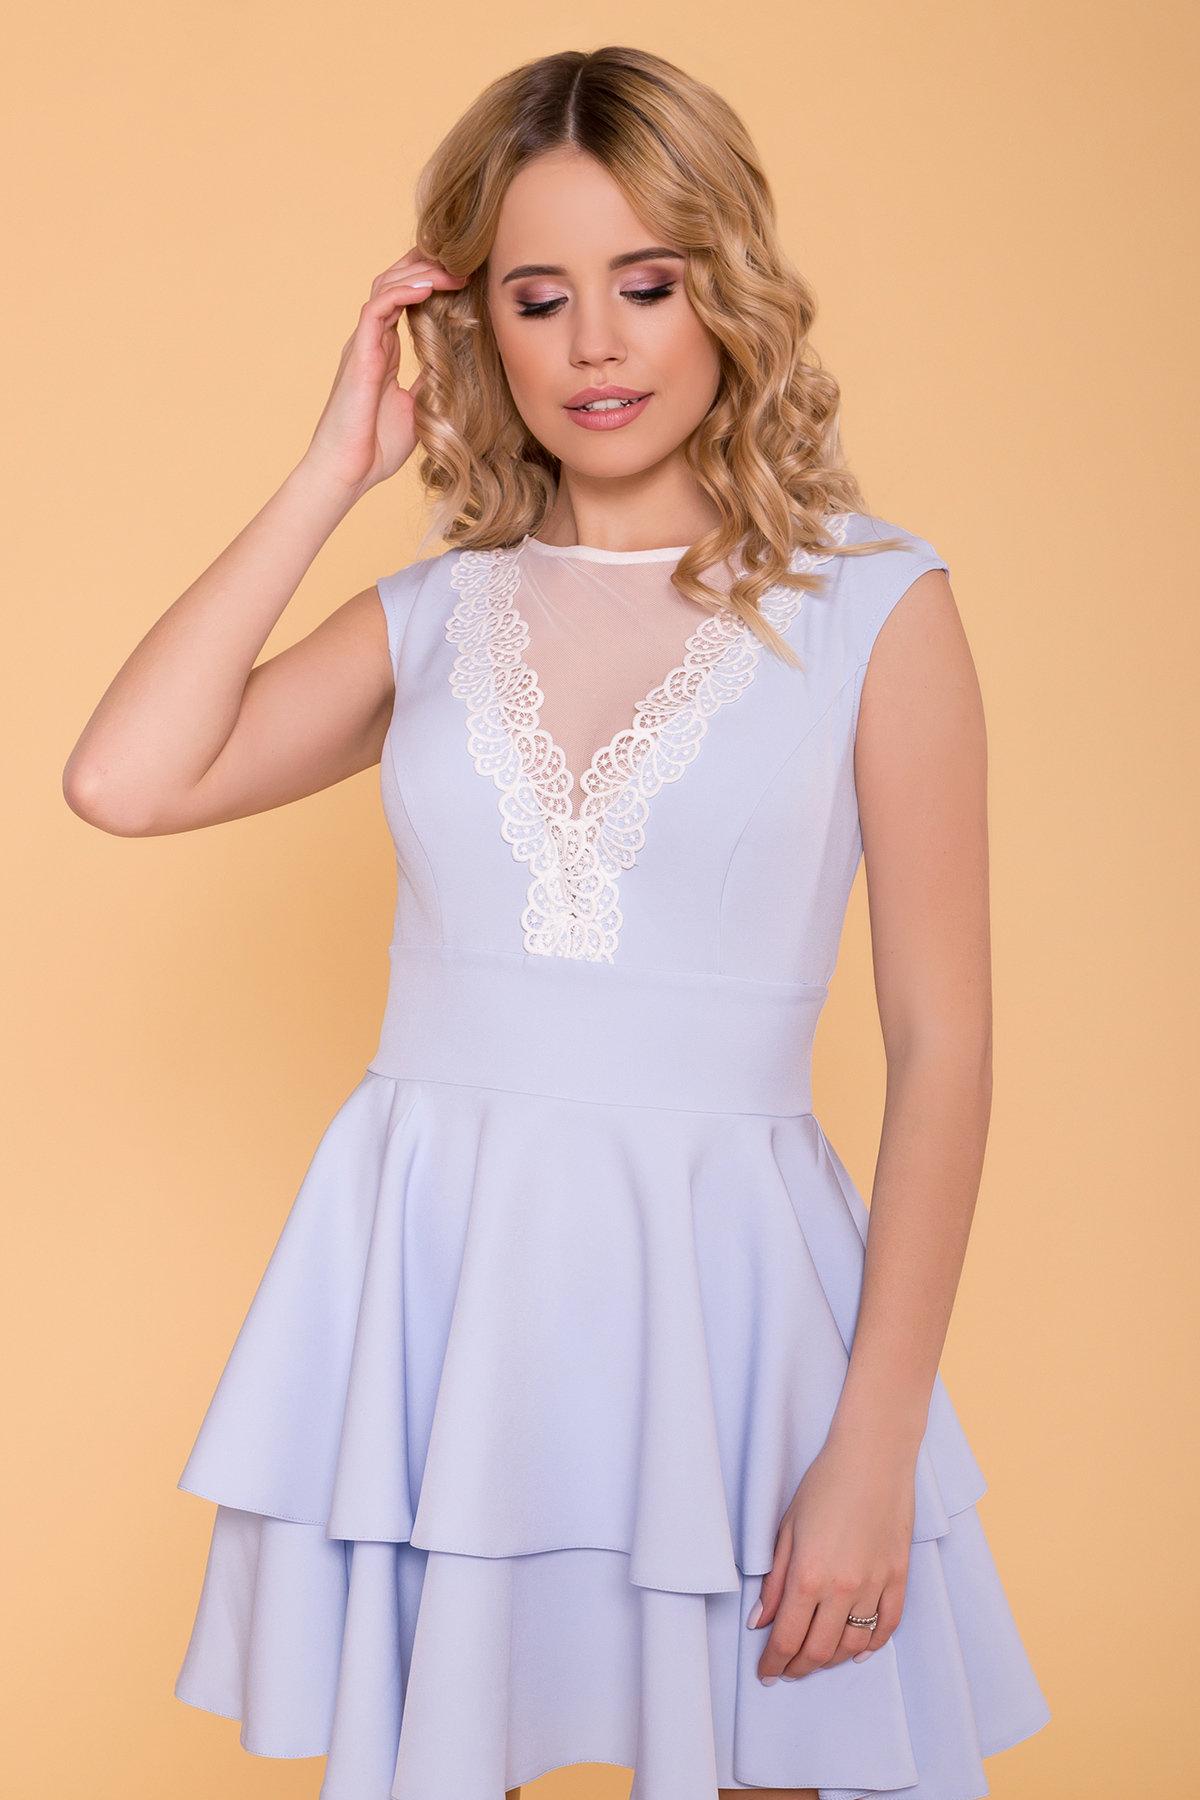 Платье Абико 6651 АРТ. 42013 Цвет: Голубой - фото 3, интернет магазин tm-modus.ru